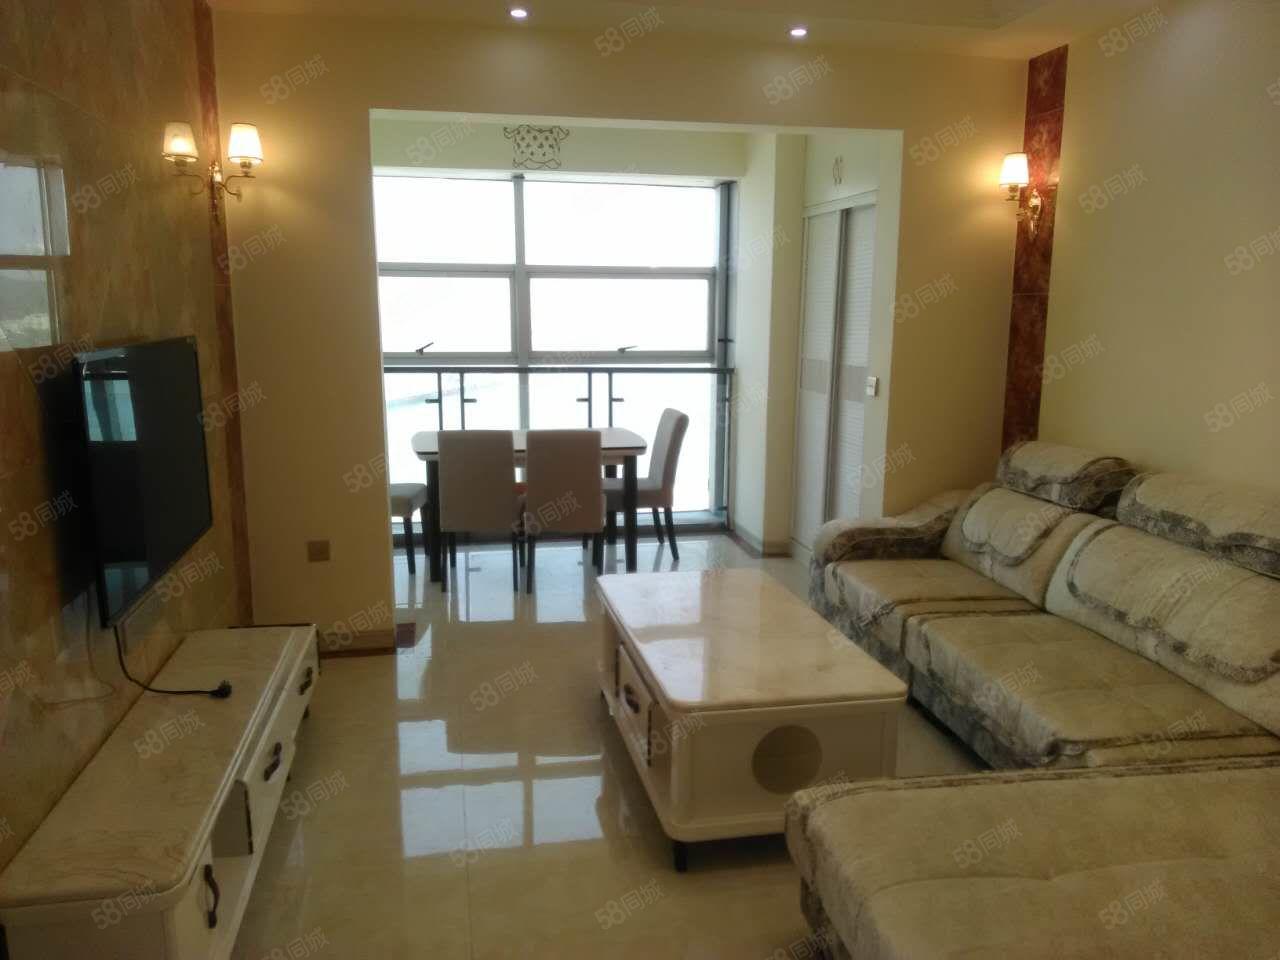 浅水湾25楼精装三室家具家电齐全全新装修初次出租